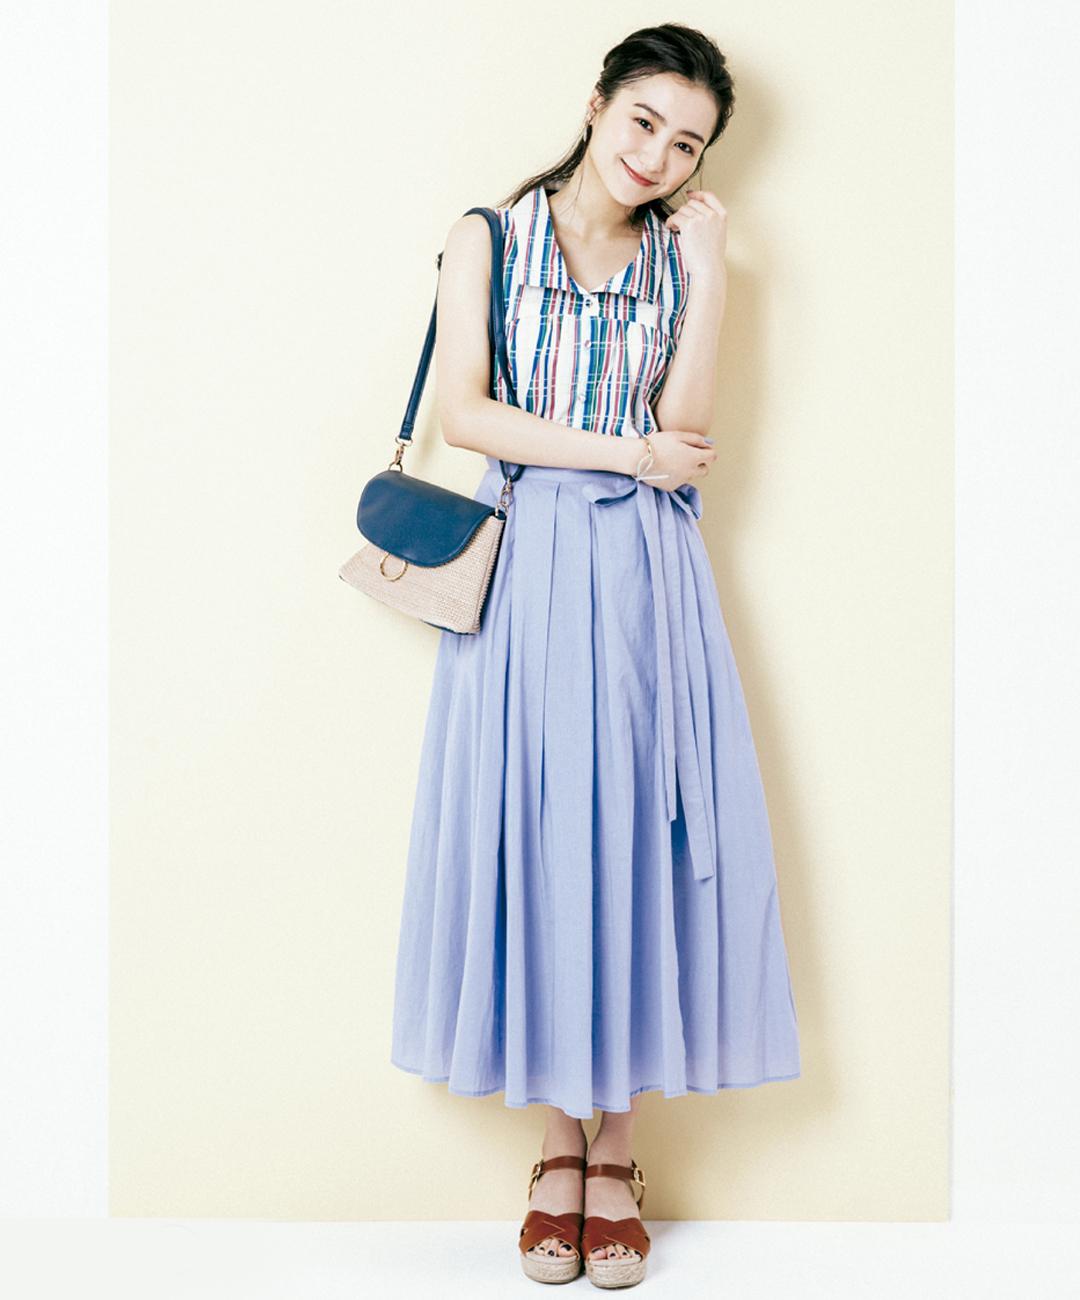 【夏のロングスカートコーデ】高田里穂は、ラベンダー色のロマンチックなスカートで'70年代風レトロシック♡